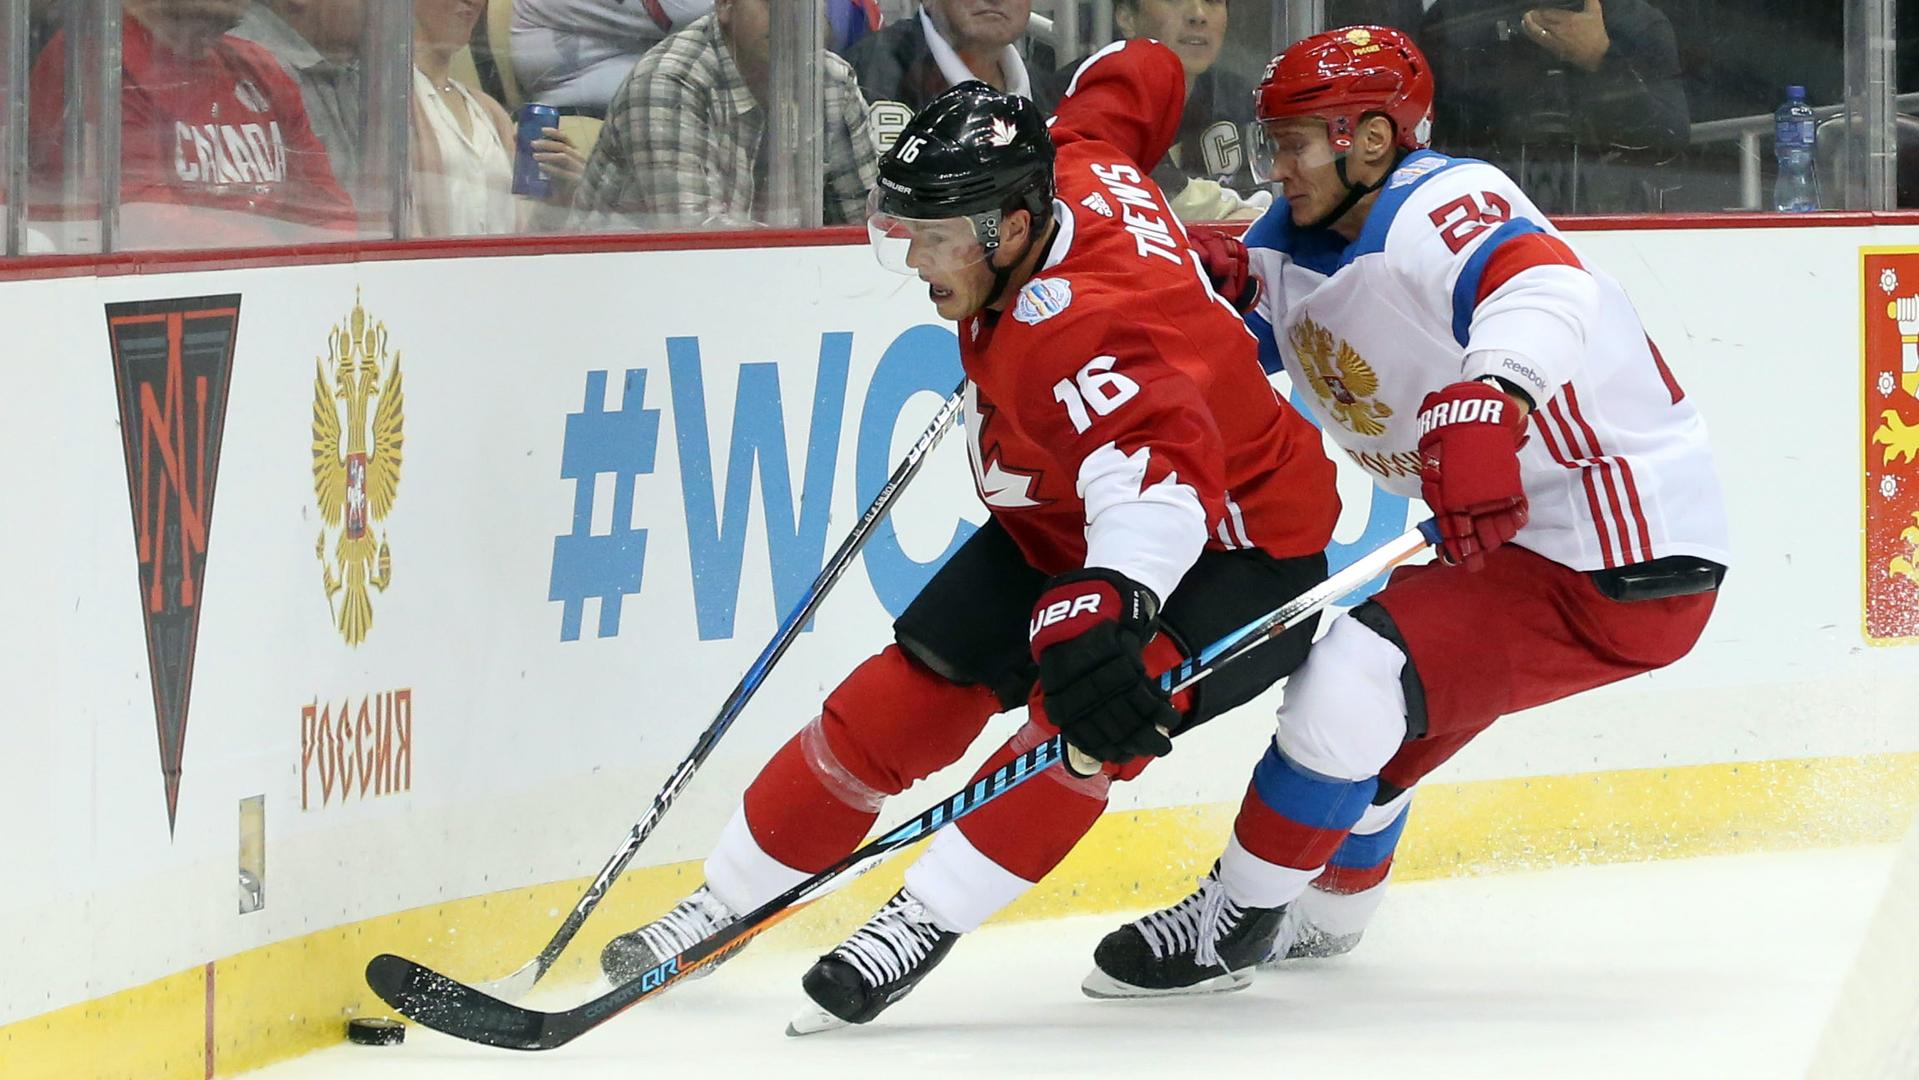 Семеро смелых: кто хочет помешать России завоевать Кубок мира по хоккею